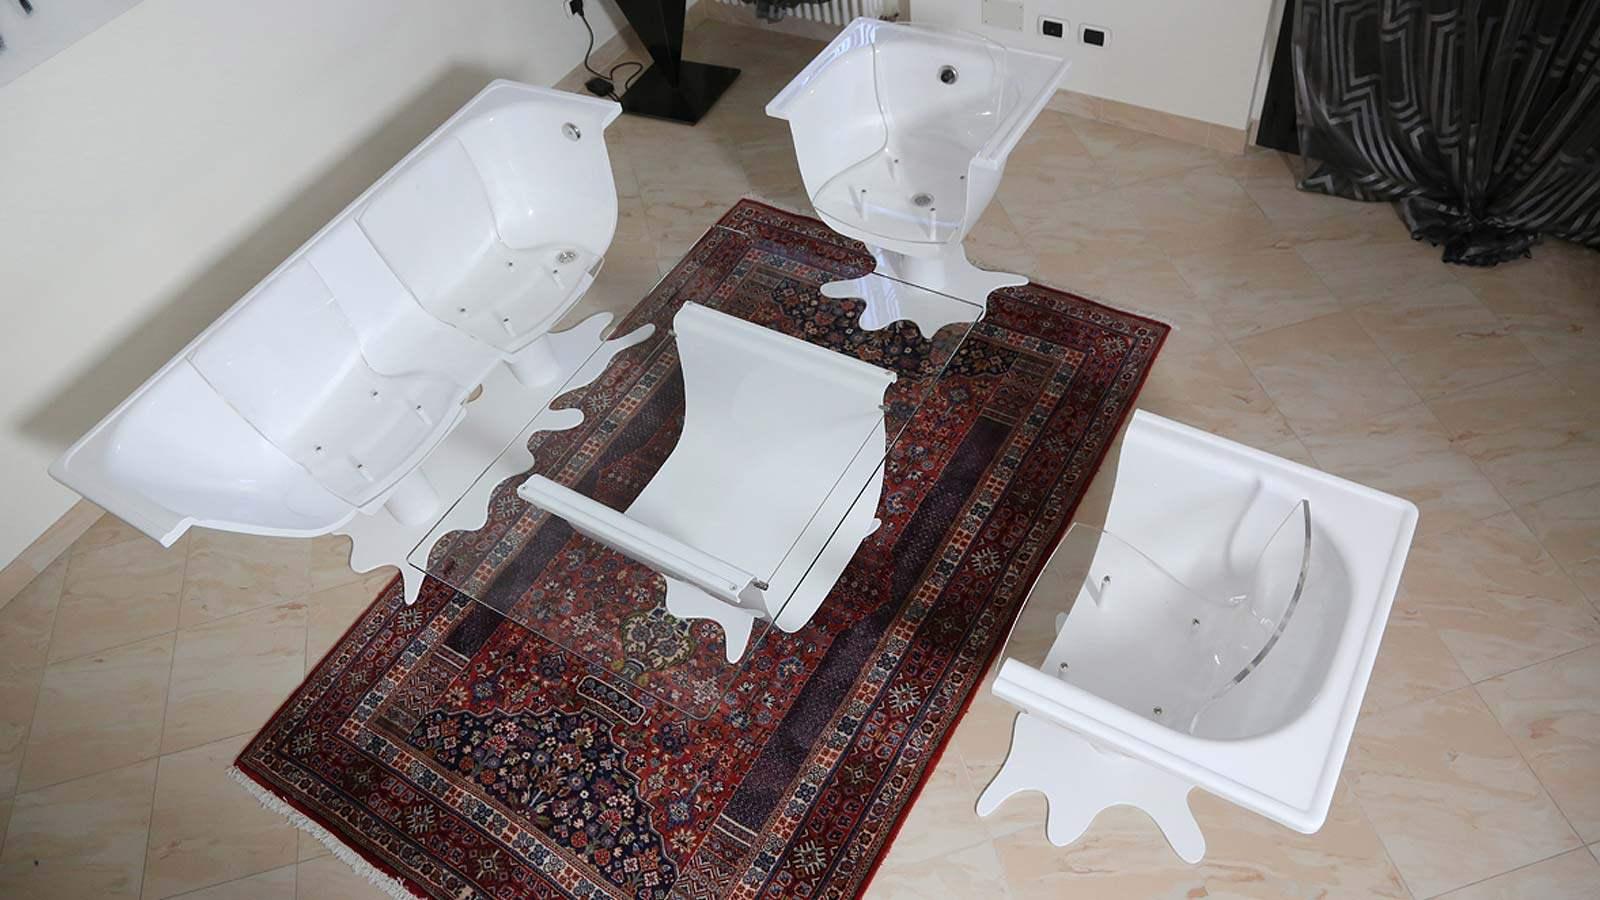 Oggetti strani per la casa una vasca da bagno in salotto - Oggetti strani per la casa ...